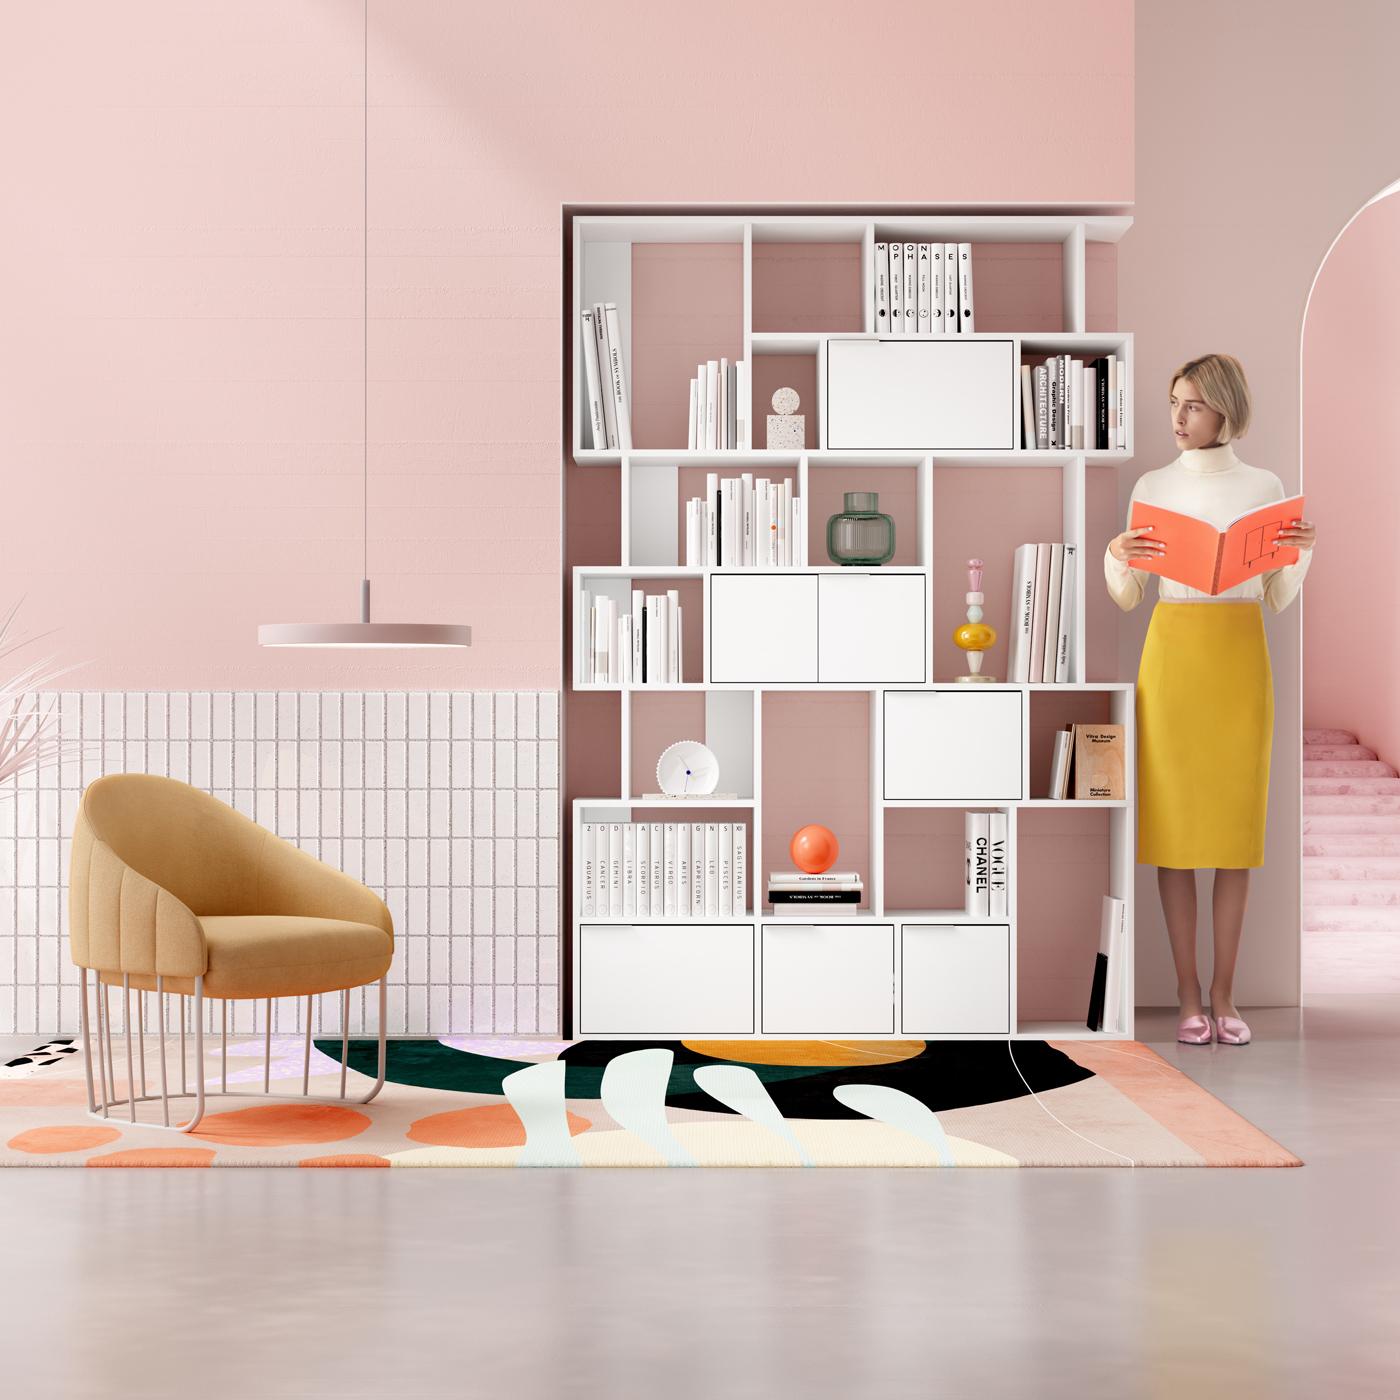 Reisinger Studio Home